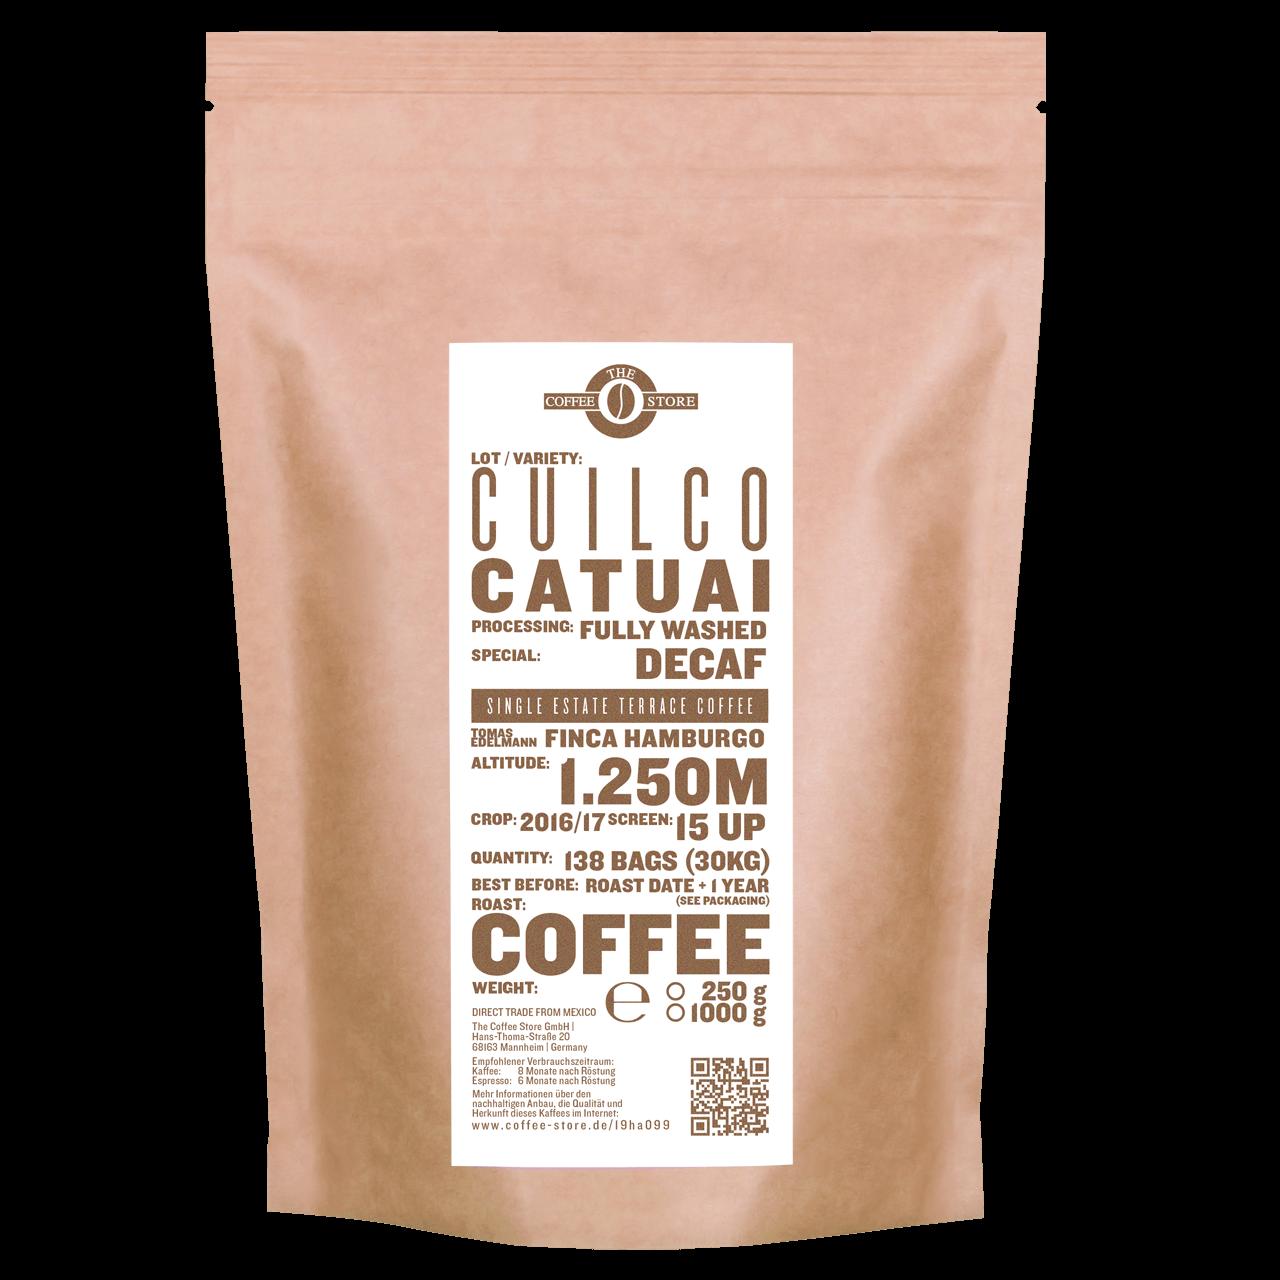 Eine Tüte gerösteter Kaffee von The Coffee Store. Decaf Kaffeeröstung  Varietät Catuai.